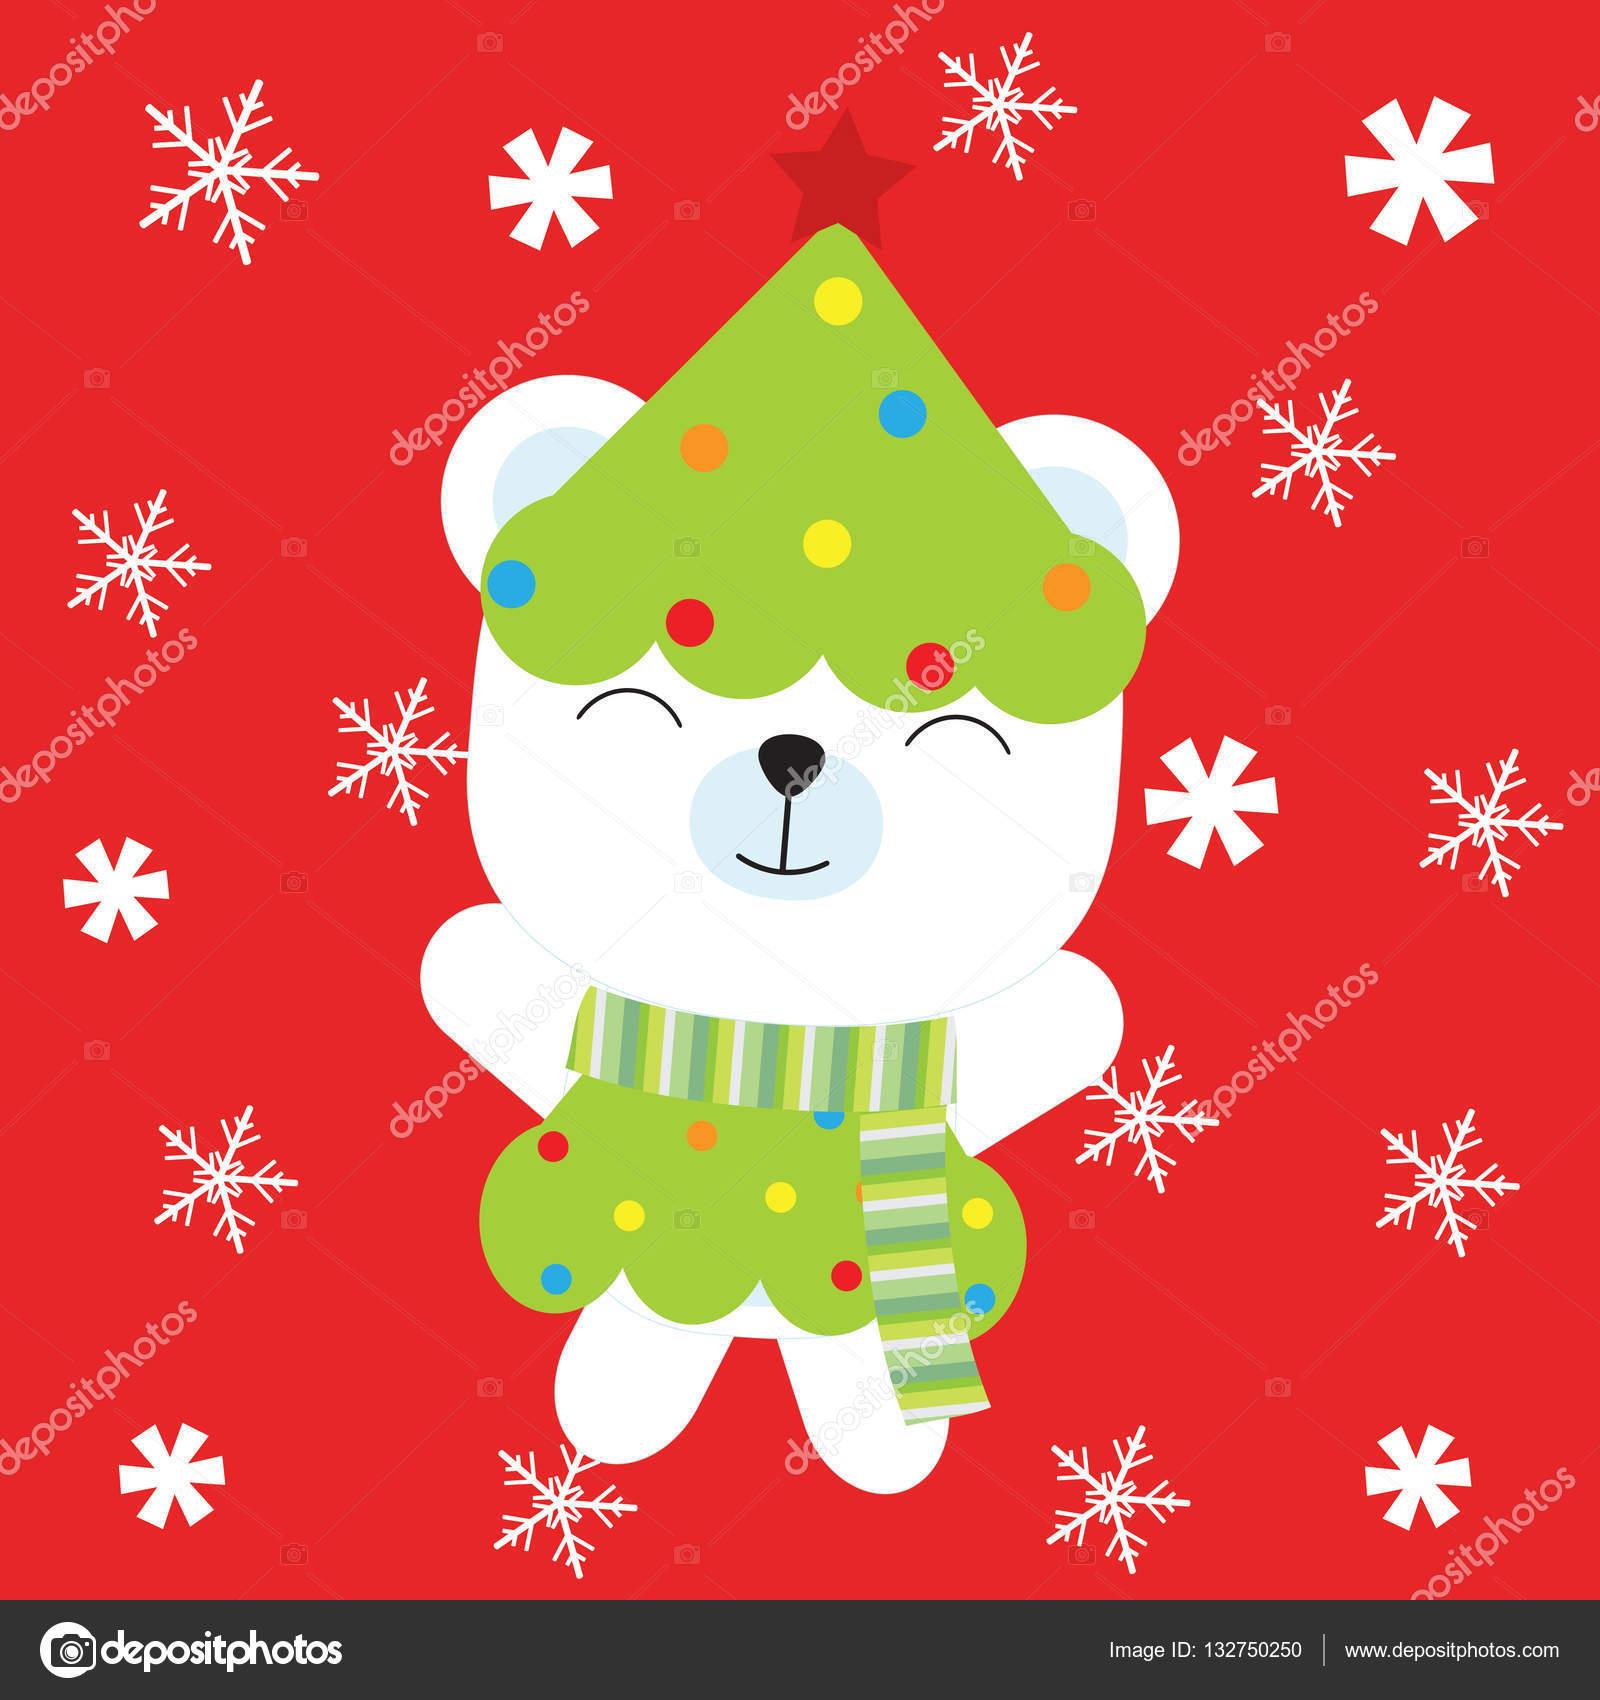 Foto Tarjeta Navidad Personalizada Ilustracion De Navidad Con Oso - Postales-para-navidad-personalizadas